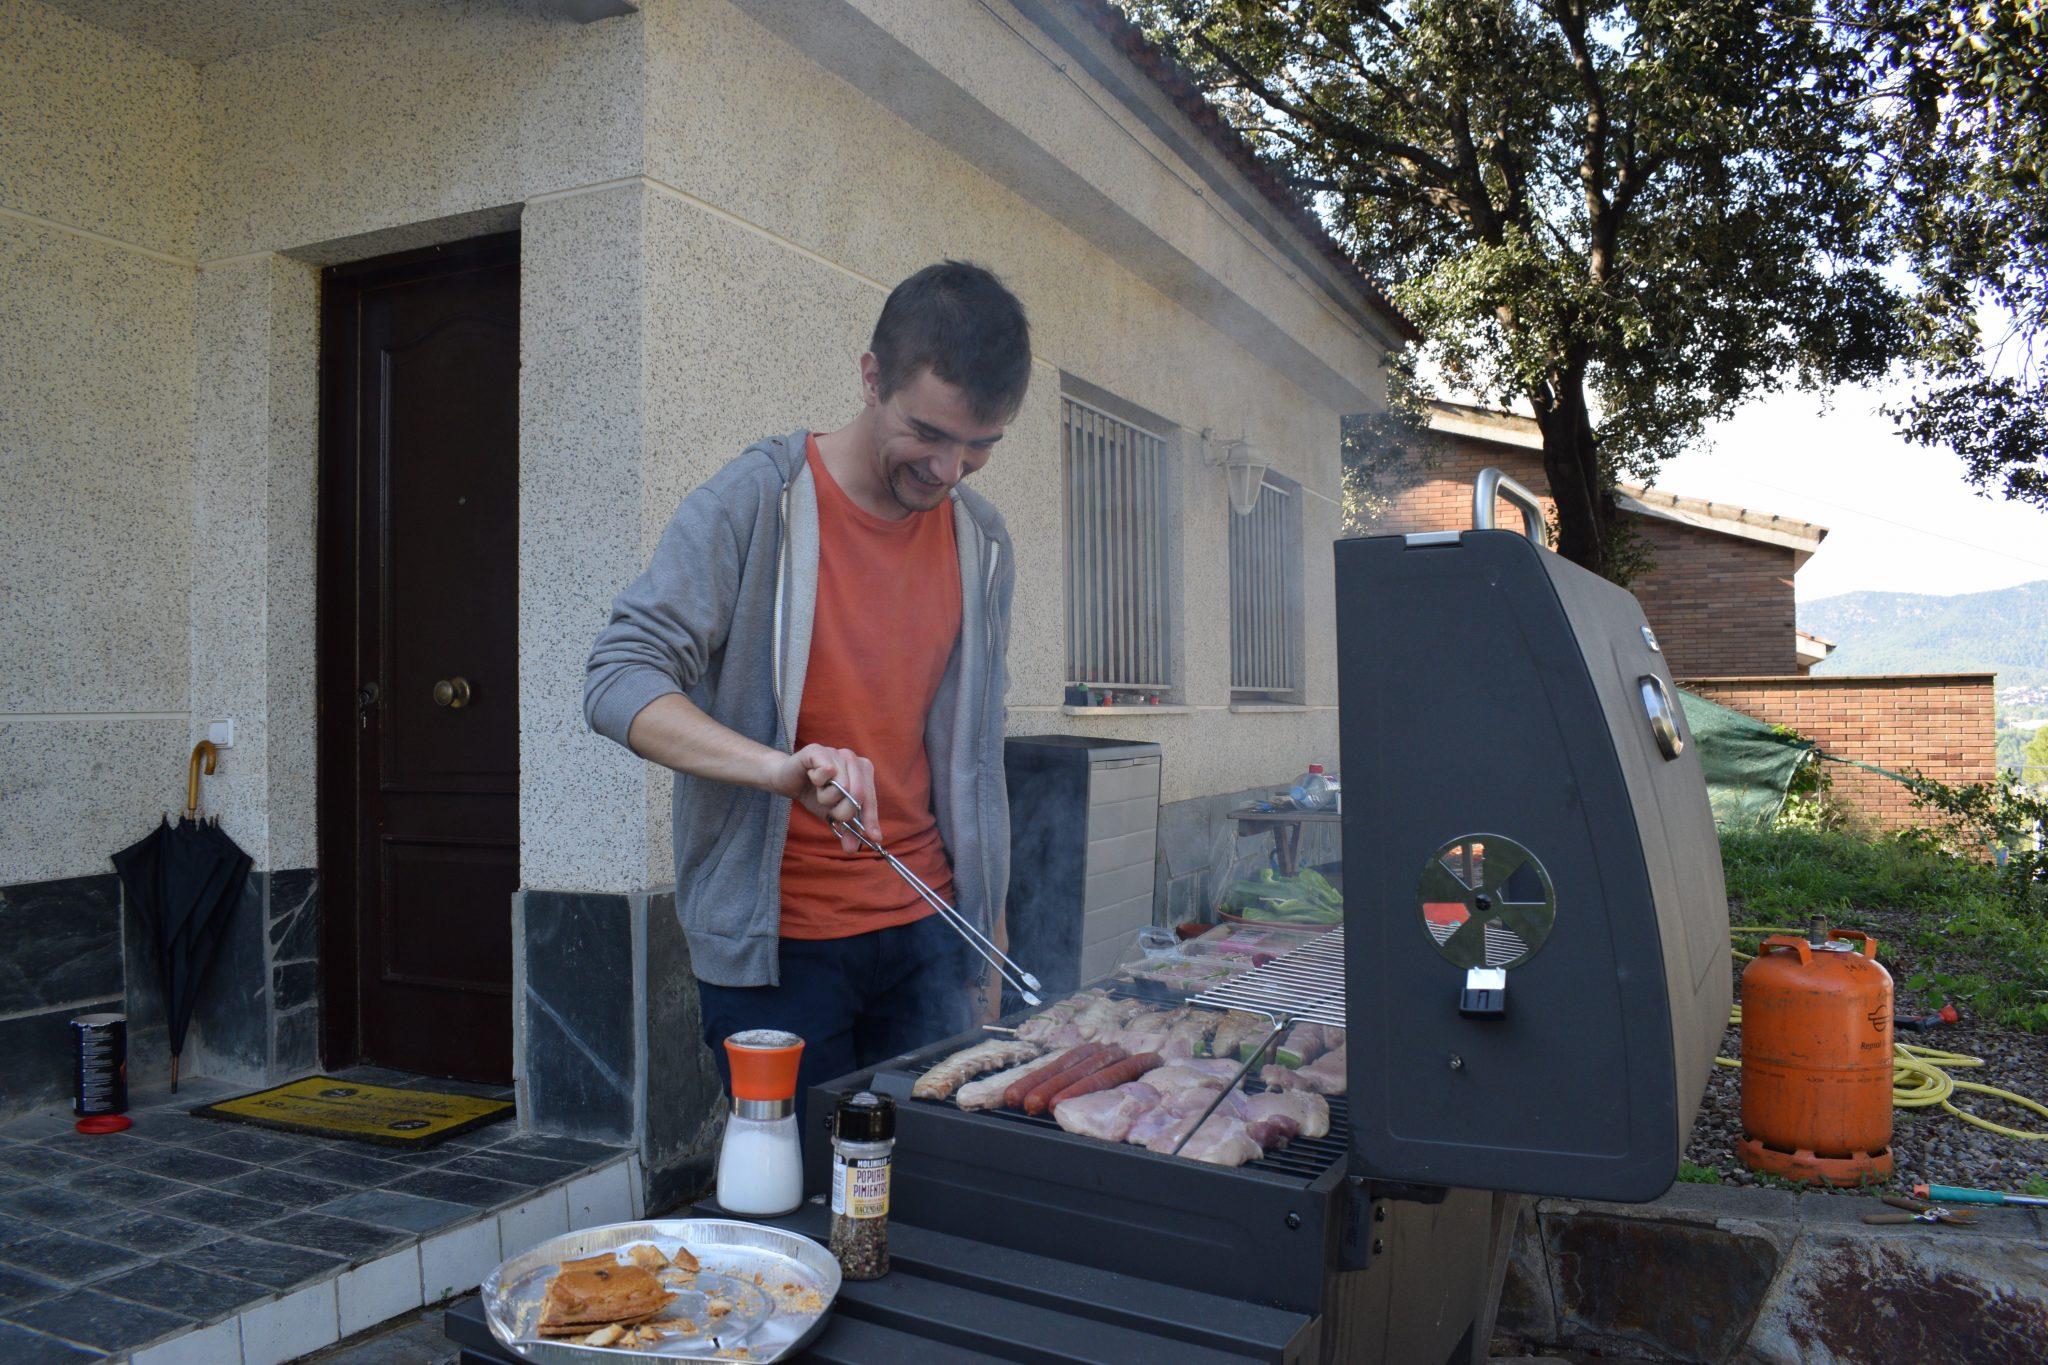 Msmt bbq - Meat